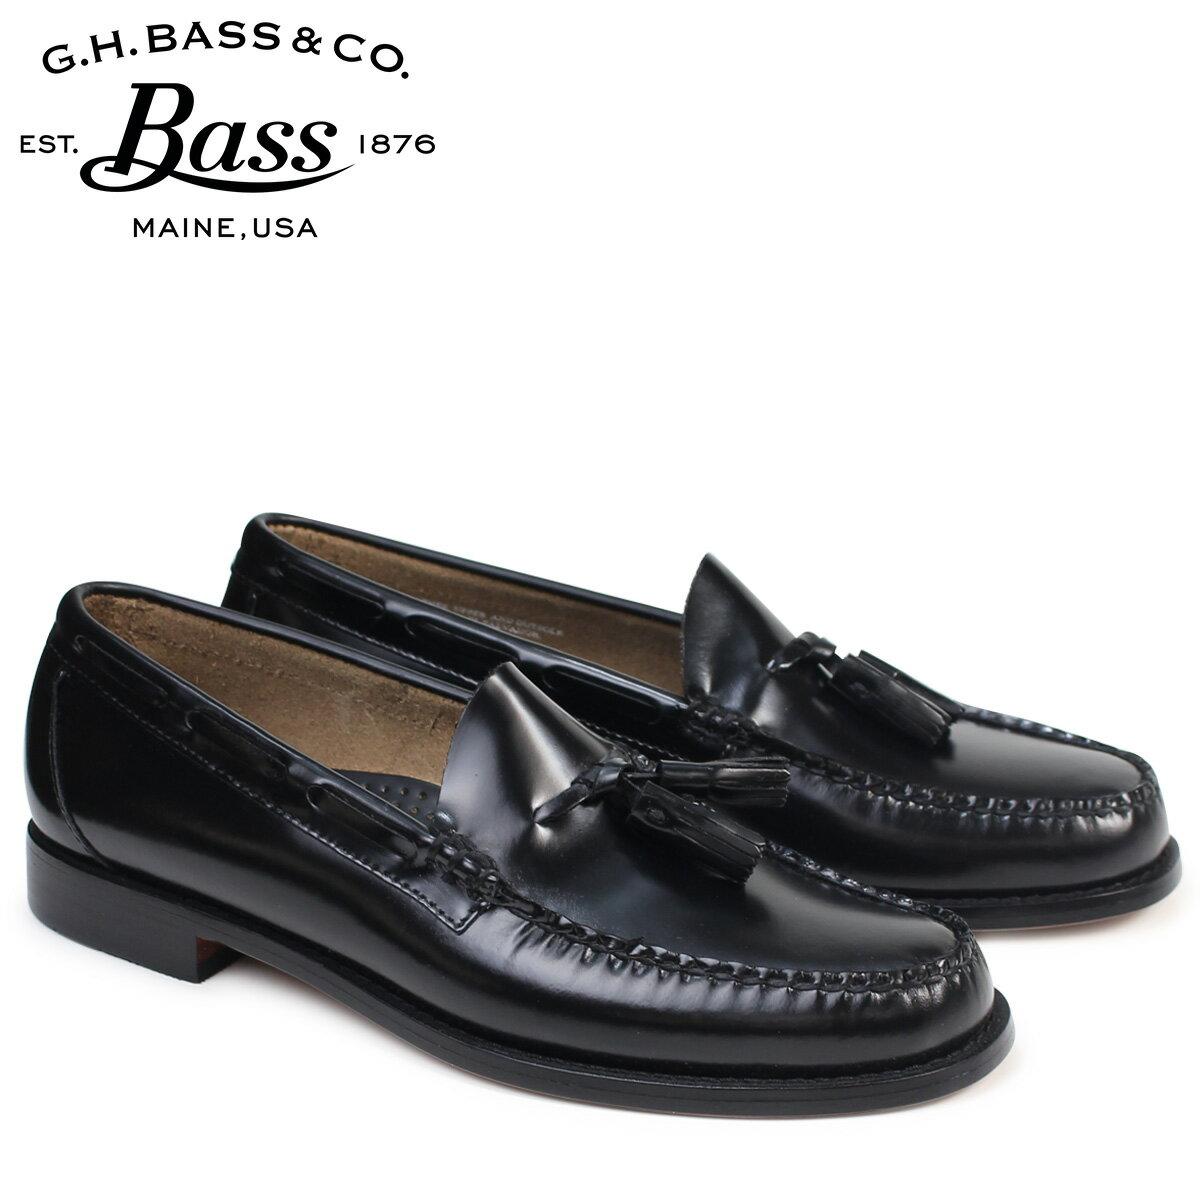 G.H. BASS ローファー ジーエイチバス メンズ ペニー タッセル LEXINGTON TASSEL WEEJUNS 70-10904 靴 ブラック